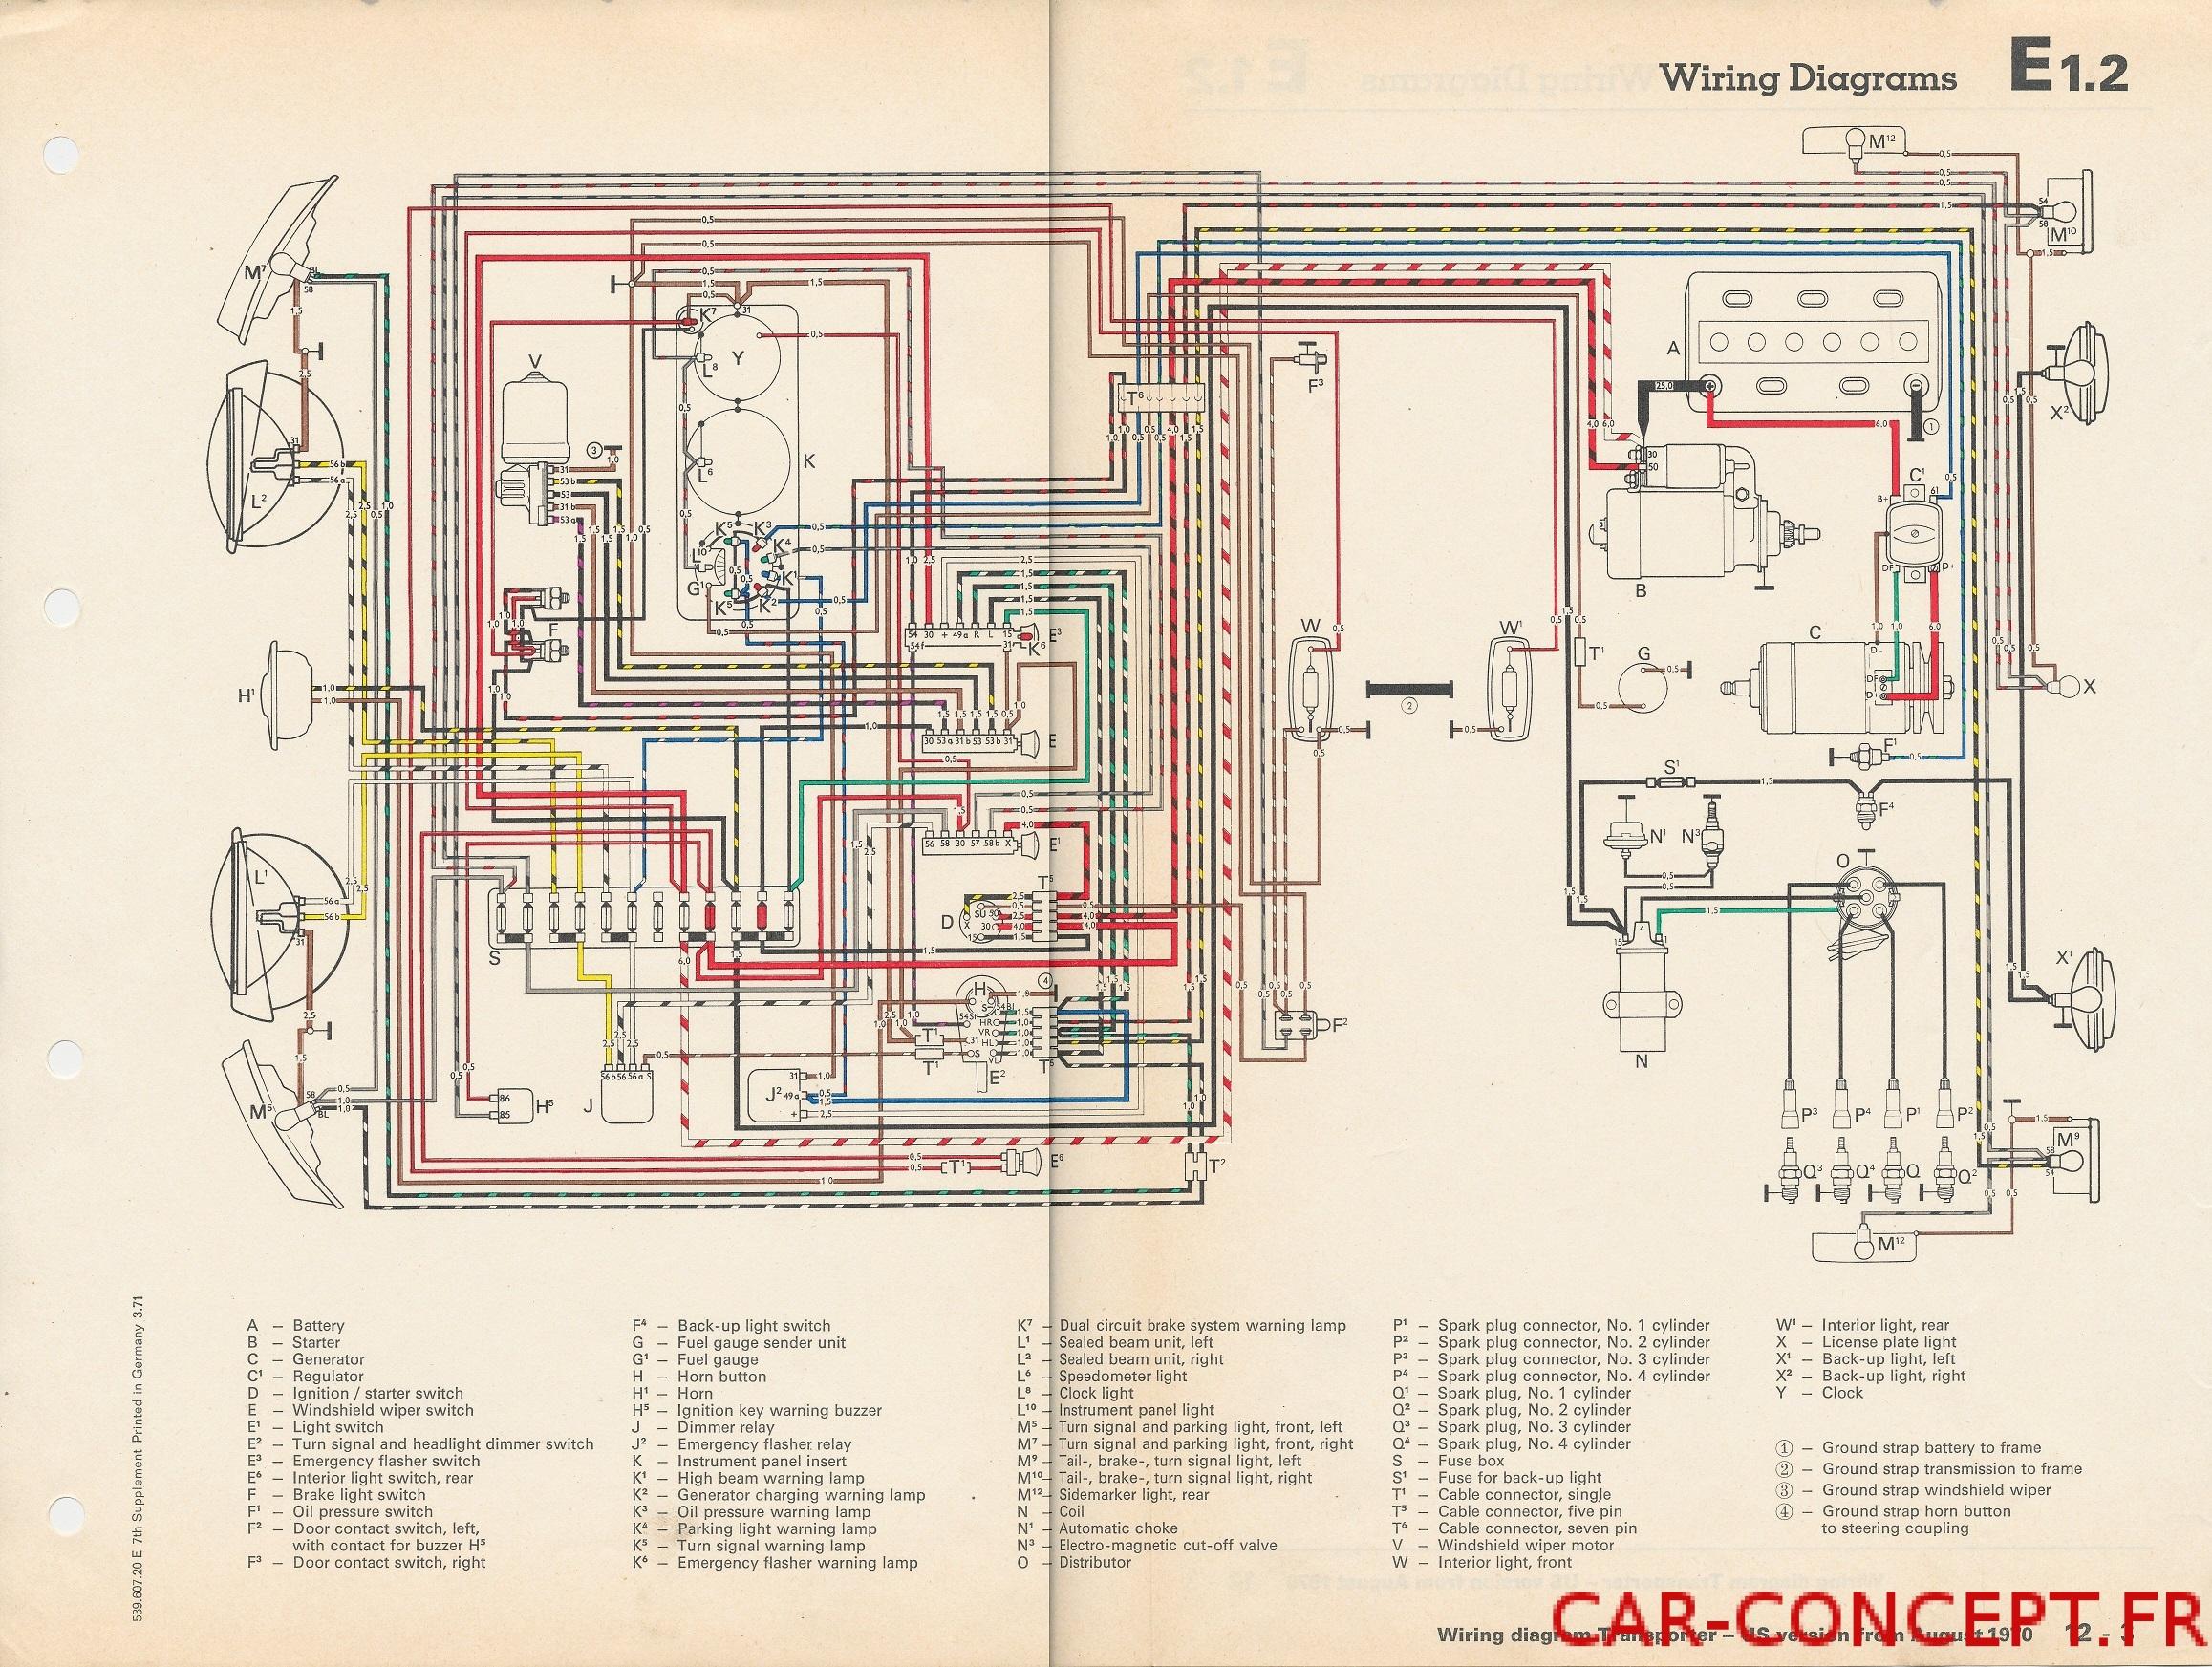 fiat 500 electrical wiring diagram pi  ces pour cox vw  combi et d  riv  s car concept  pi  ces pour cox vw  combi et d  riv  s car concept